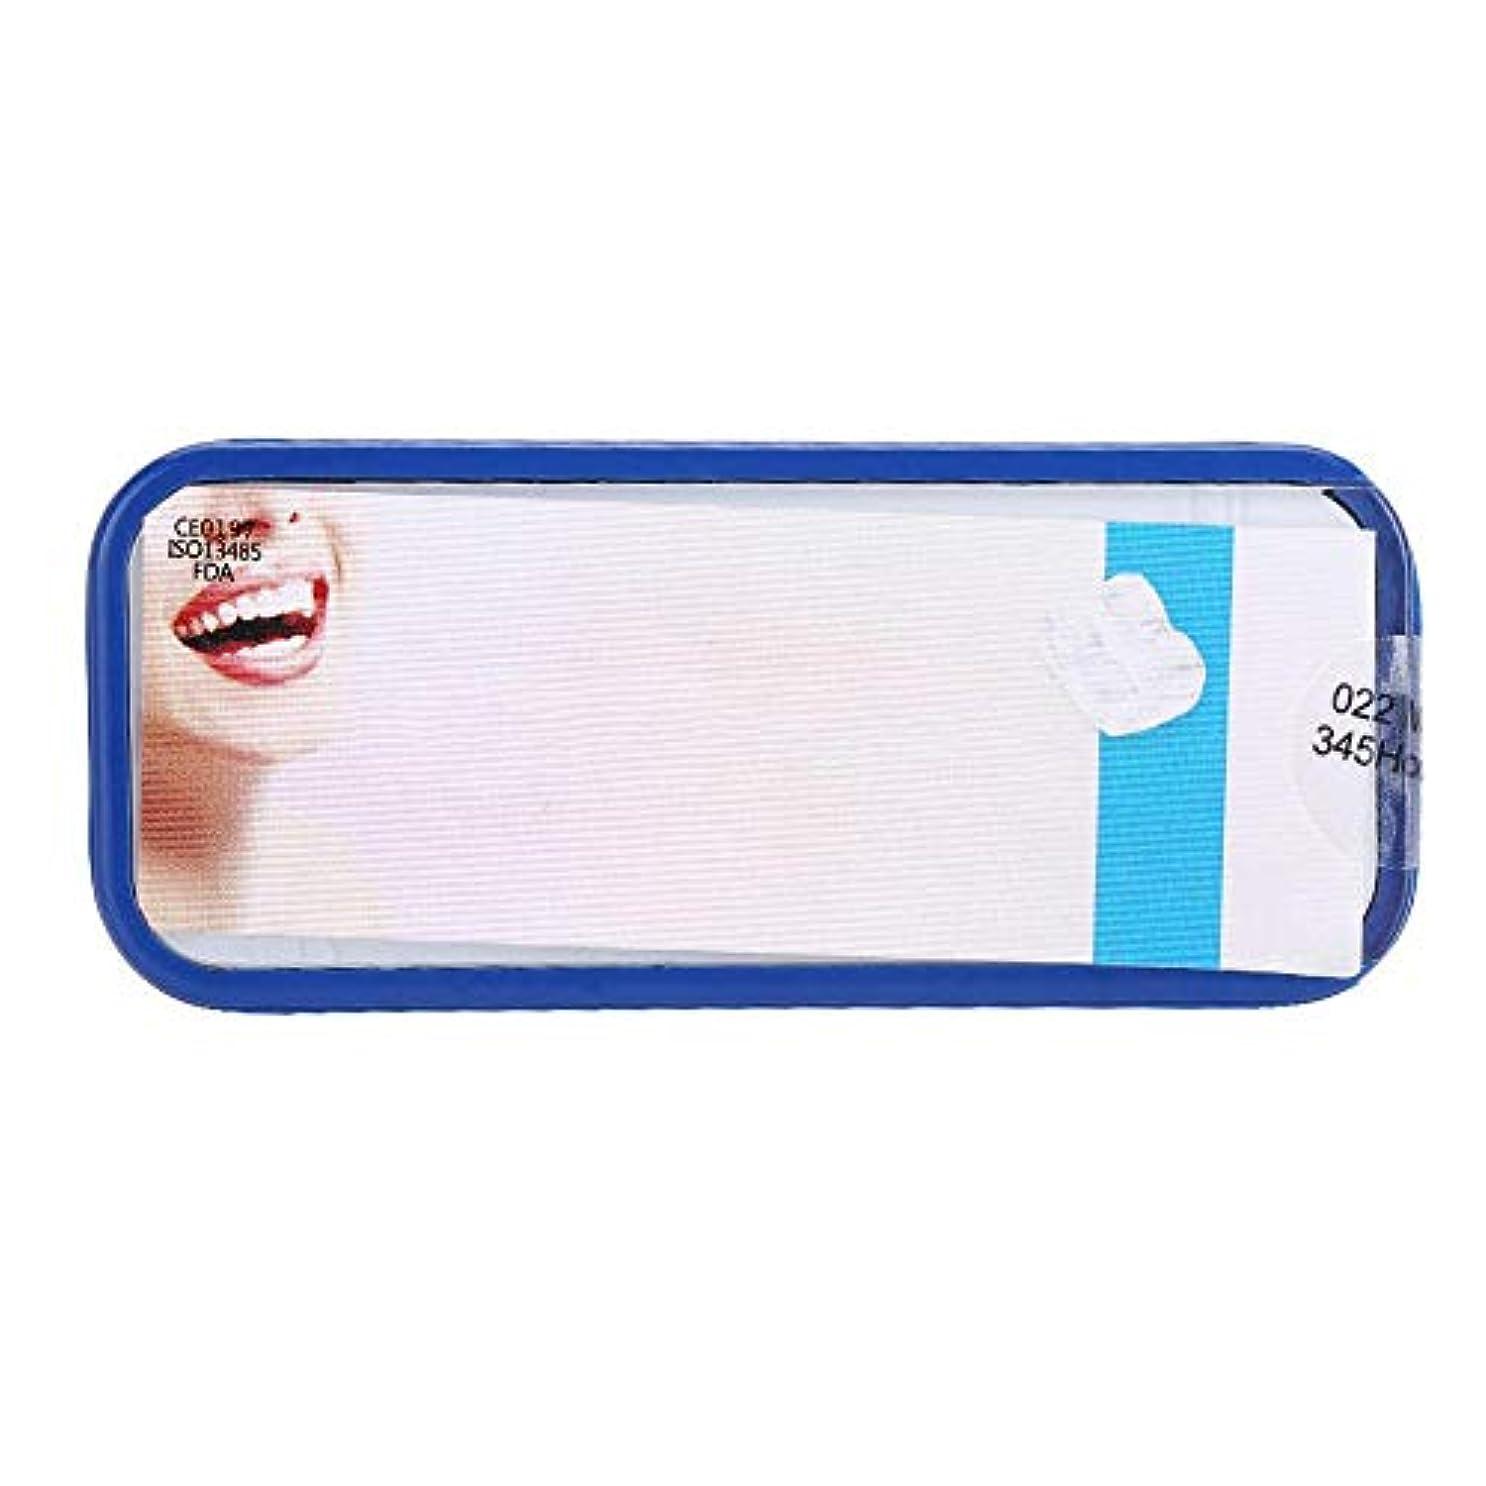 クリーク悪化させる最大のNitrip セラミックブラケット 歯科矯正ブラケット 歯科矯正装置 歯科矯正用 022MBT 345Hooks